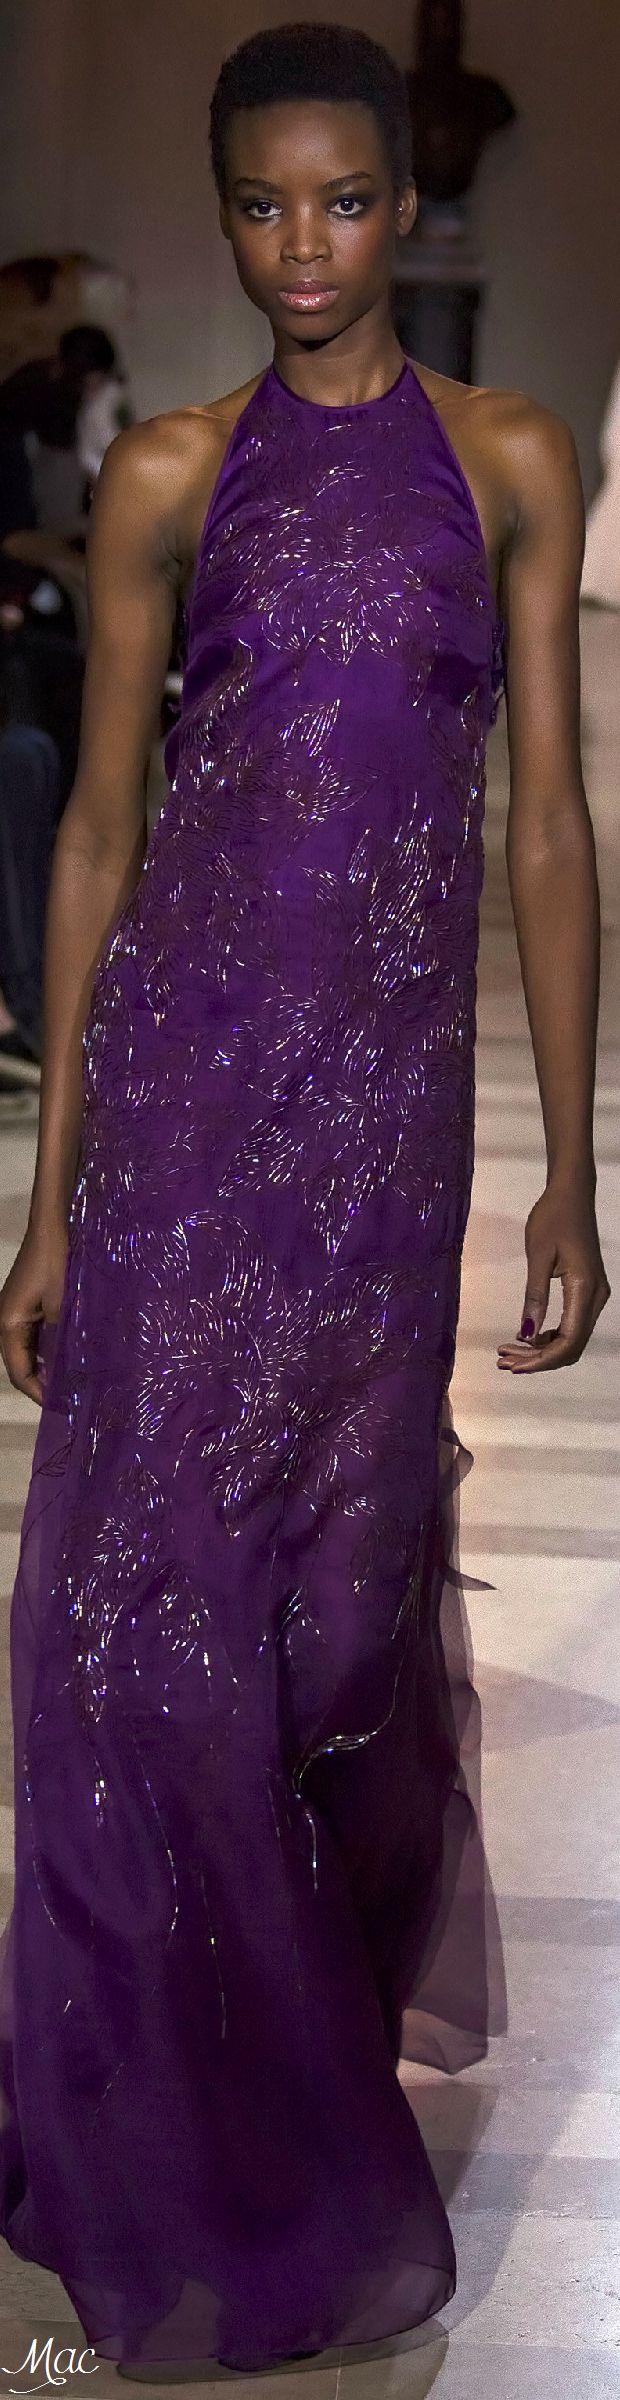 Vistoso Gran Gatsby Inspirado Vestidos De Dama Imágenes - Vestido de ...